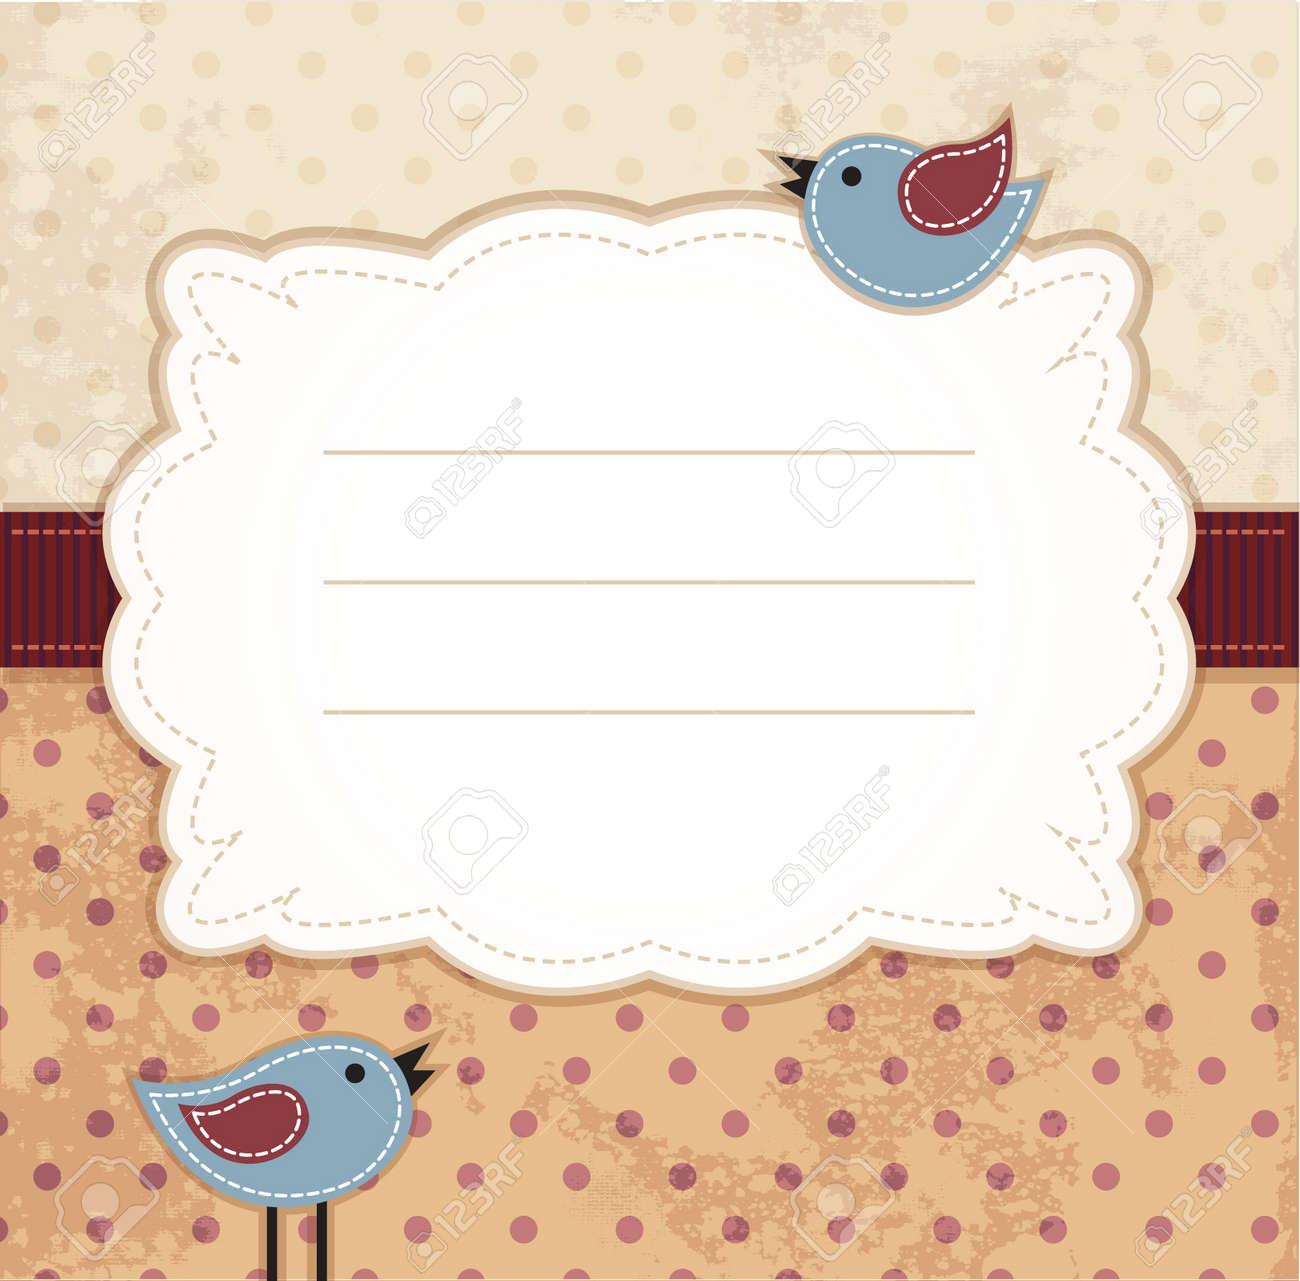 Rahmen Mit Blauen Vögel Auf Gepunktete Hintergrund Lizenzfrei ...